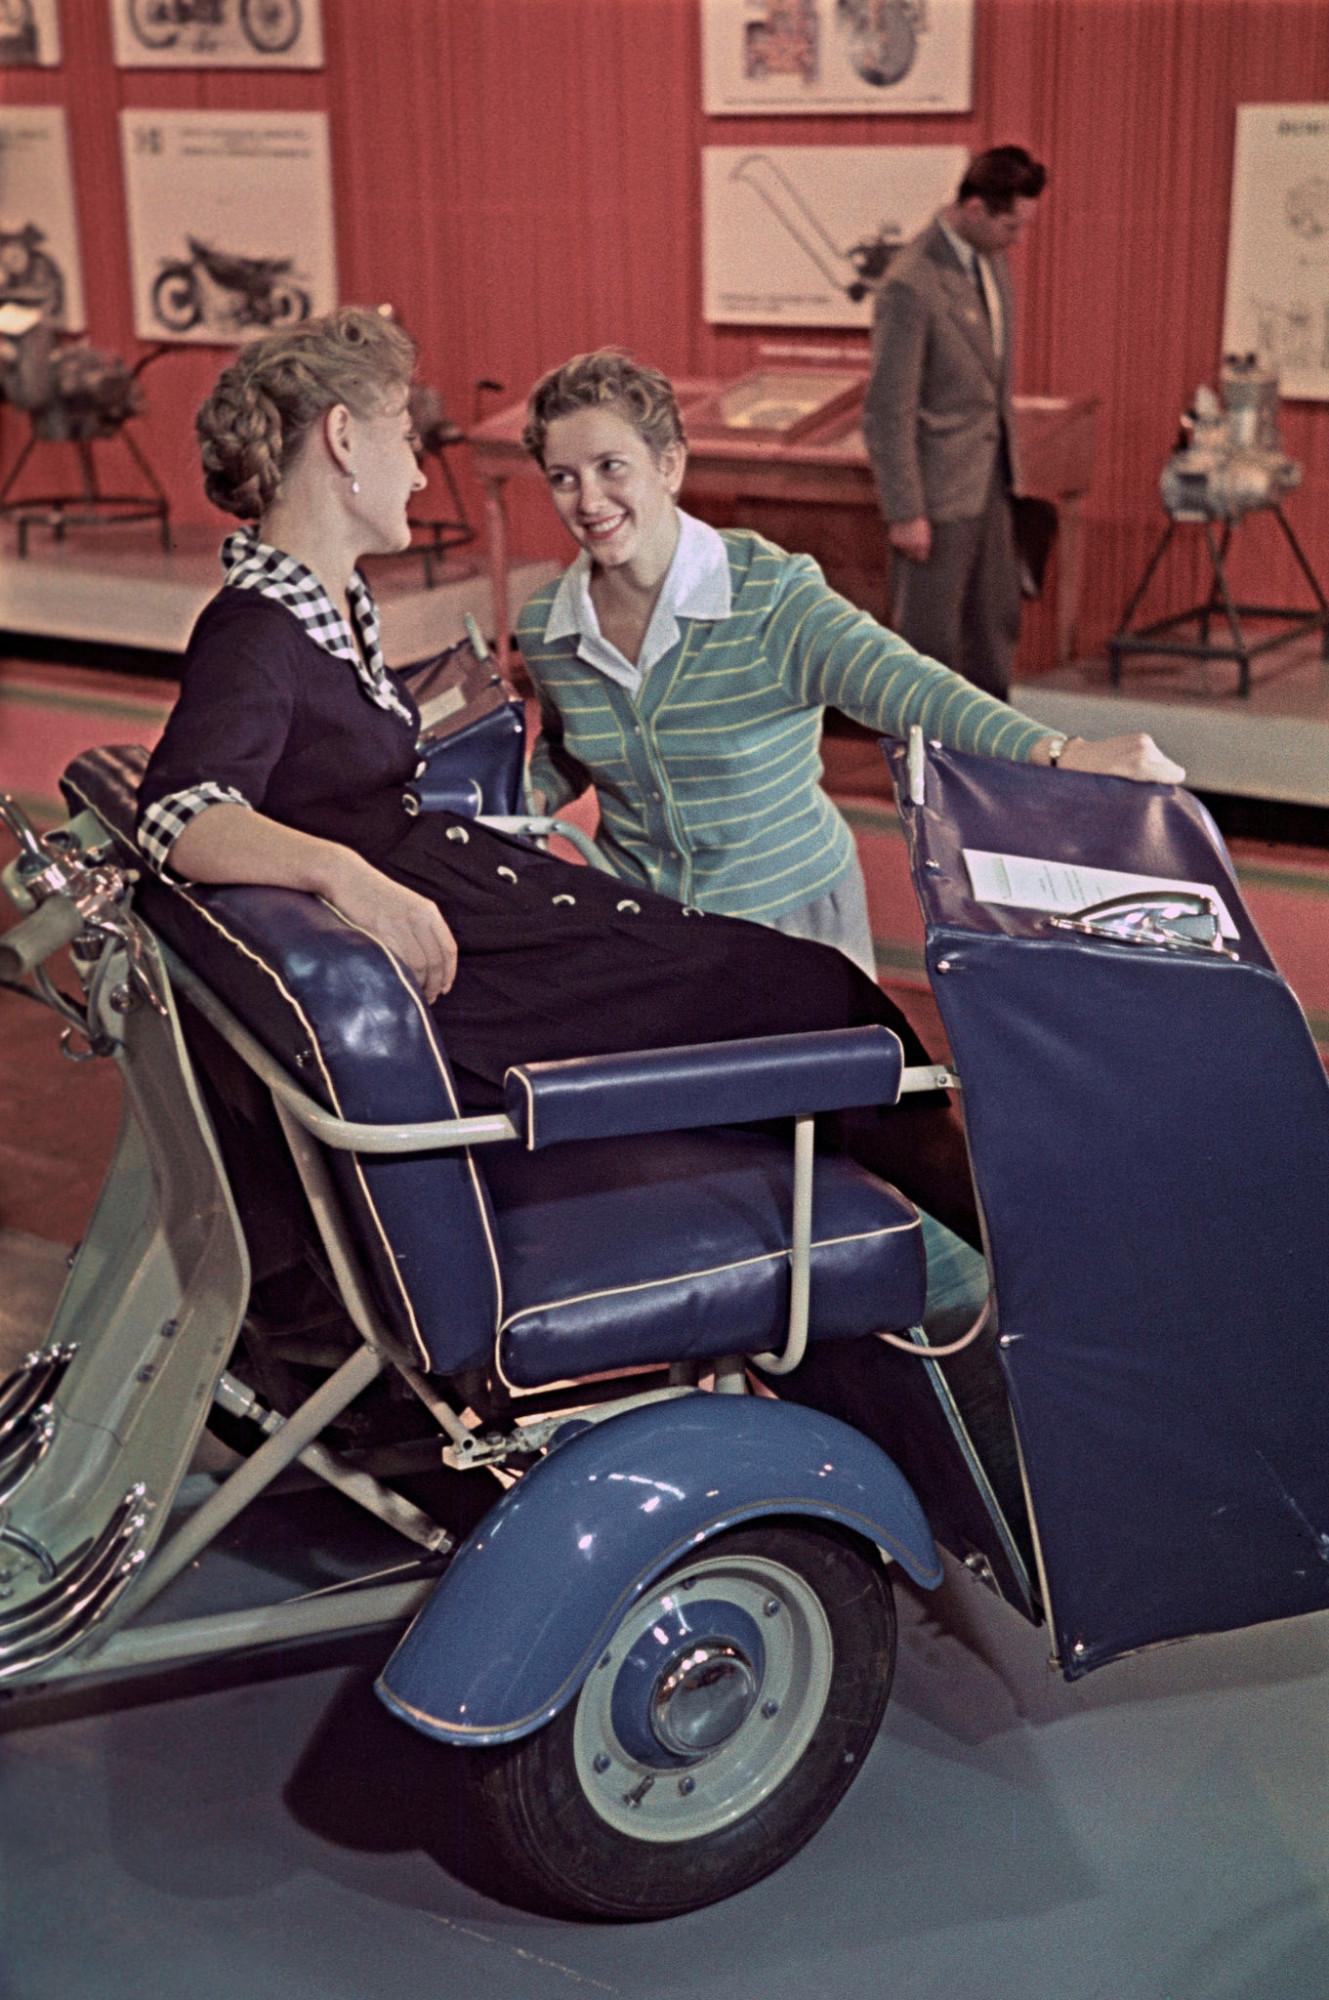 1959 На выставке Мотоциклы и мопеды Николай Бобров